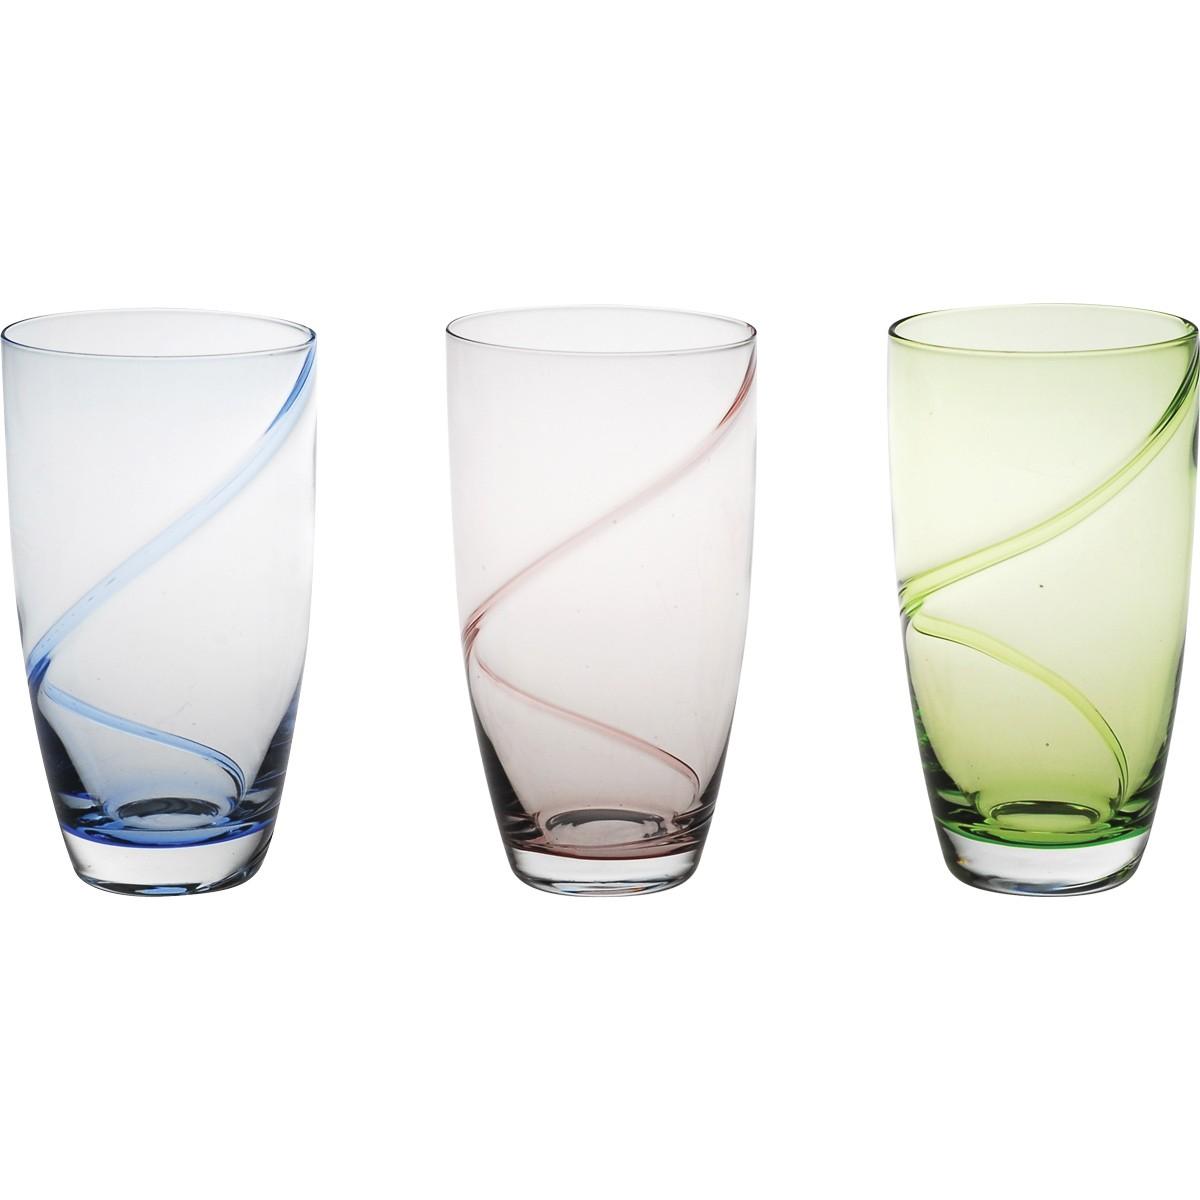 Ποτήρια Νερού (Σετ 6τμχ) Home Design SXI9169